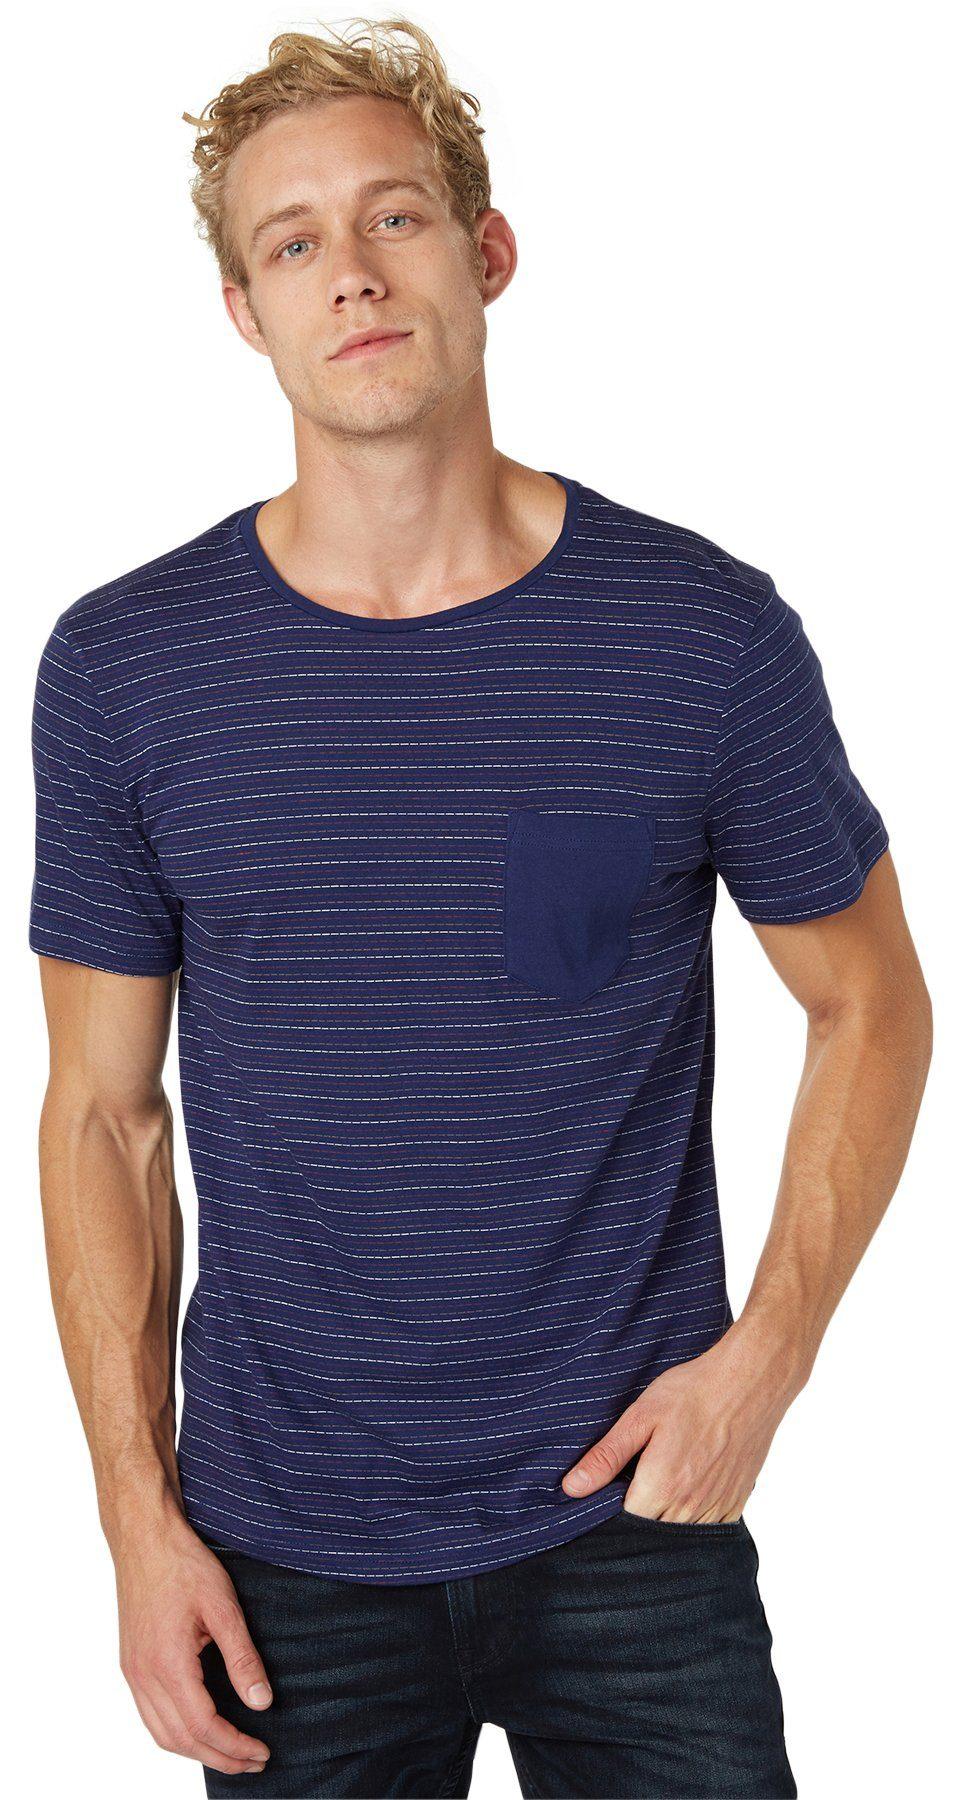 TOM TAILOR DENIM T-Shirt »T-Shirt mit gestrichelten Streifen«